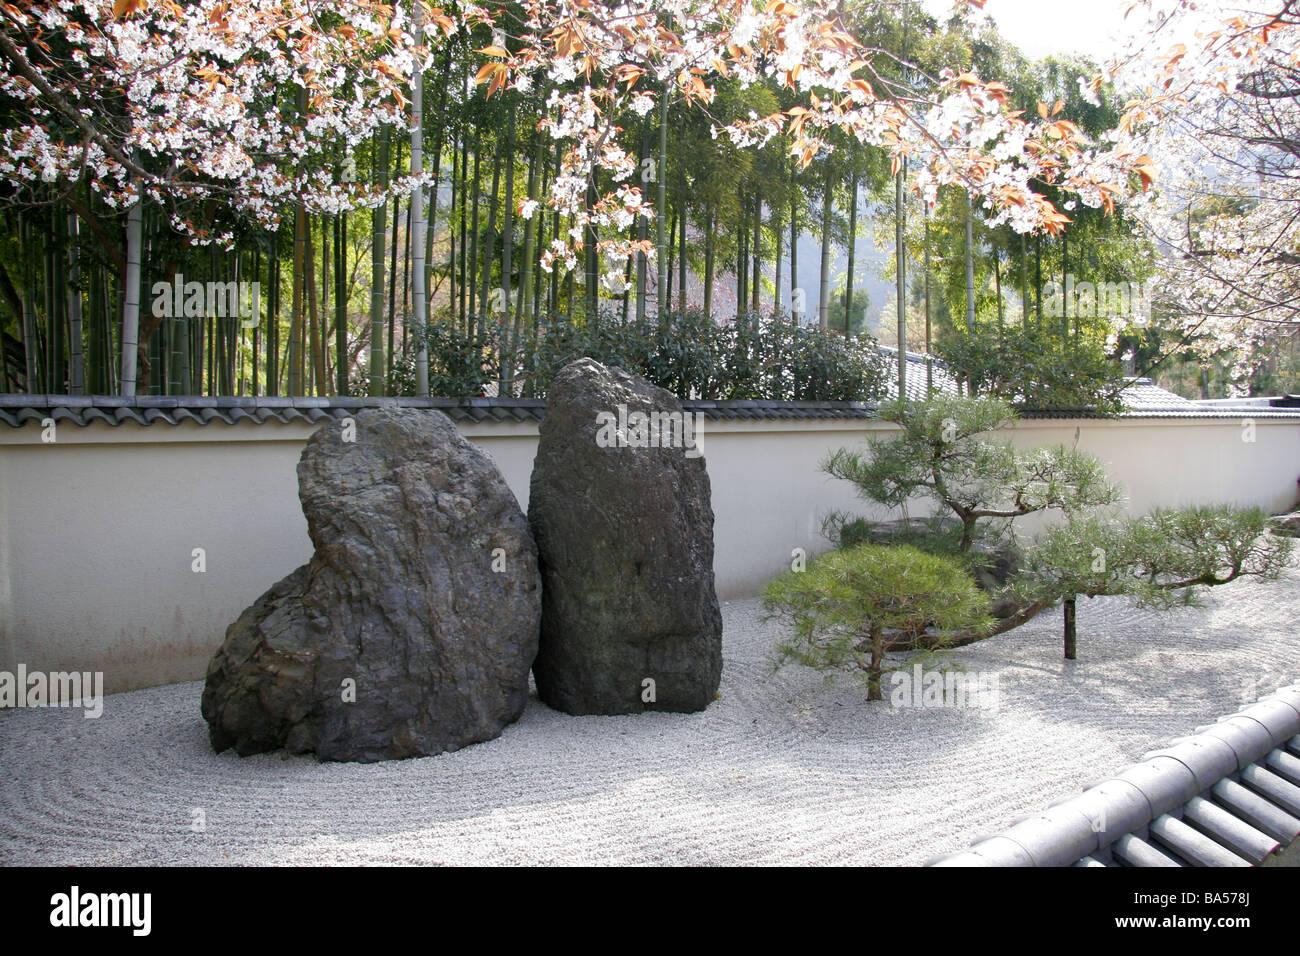 Jardin Zen Japonais Rock Avec Spring Cherry Blossom Et